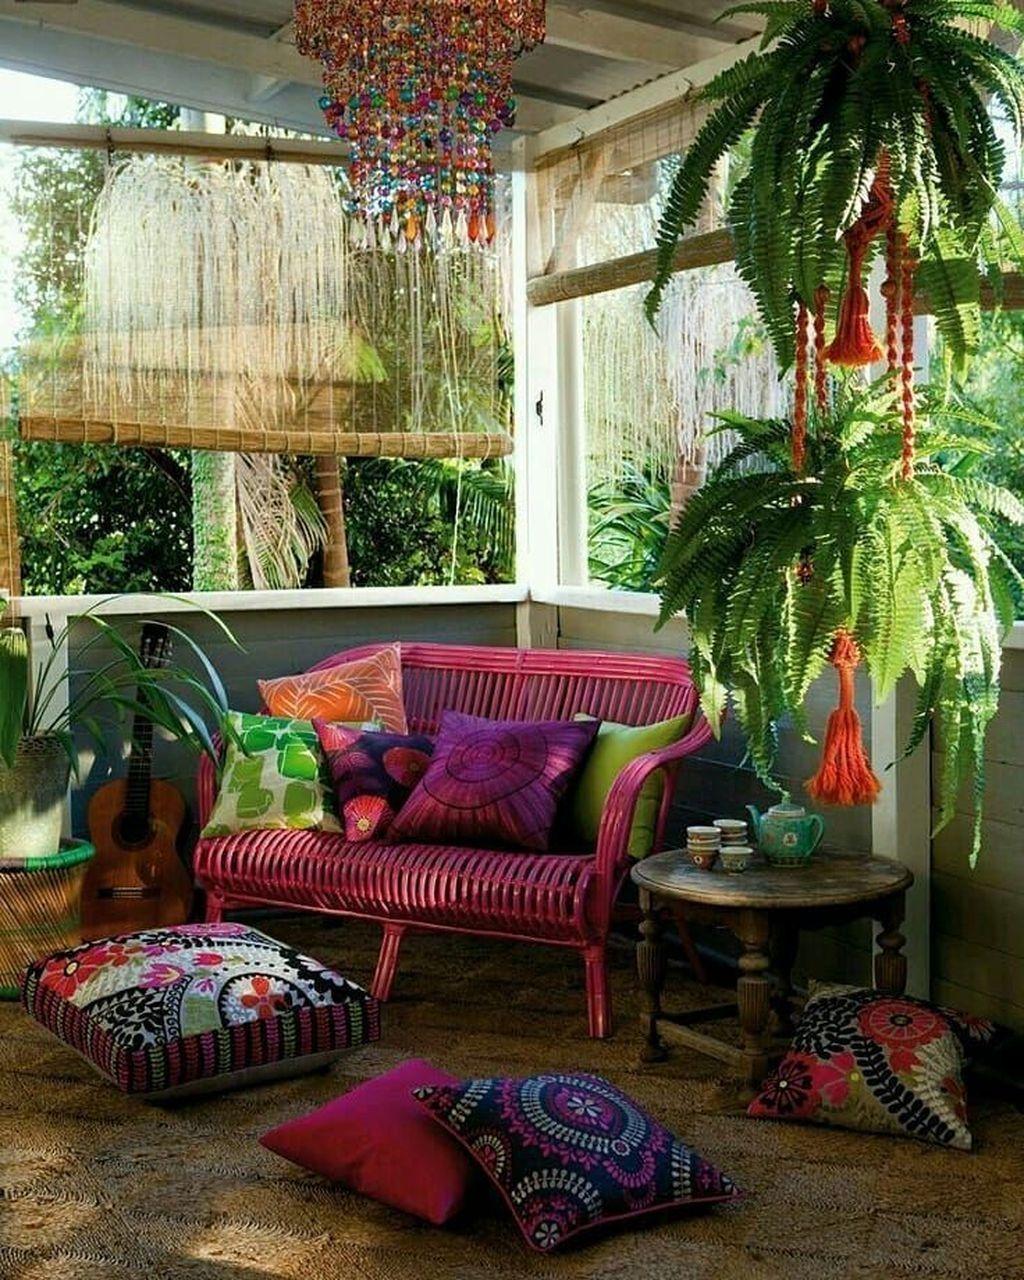 40 Unique Hippie Home Decor Ideas images